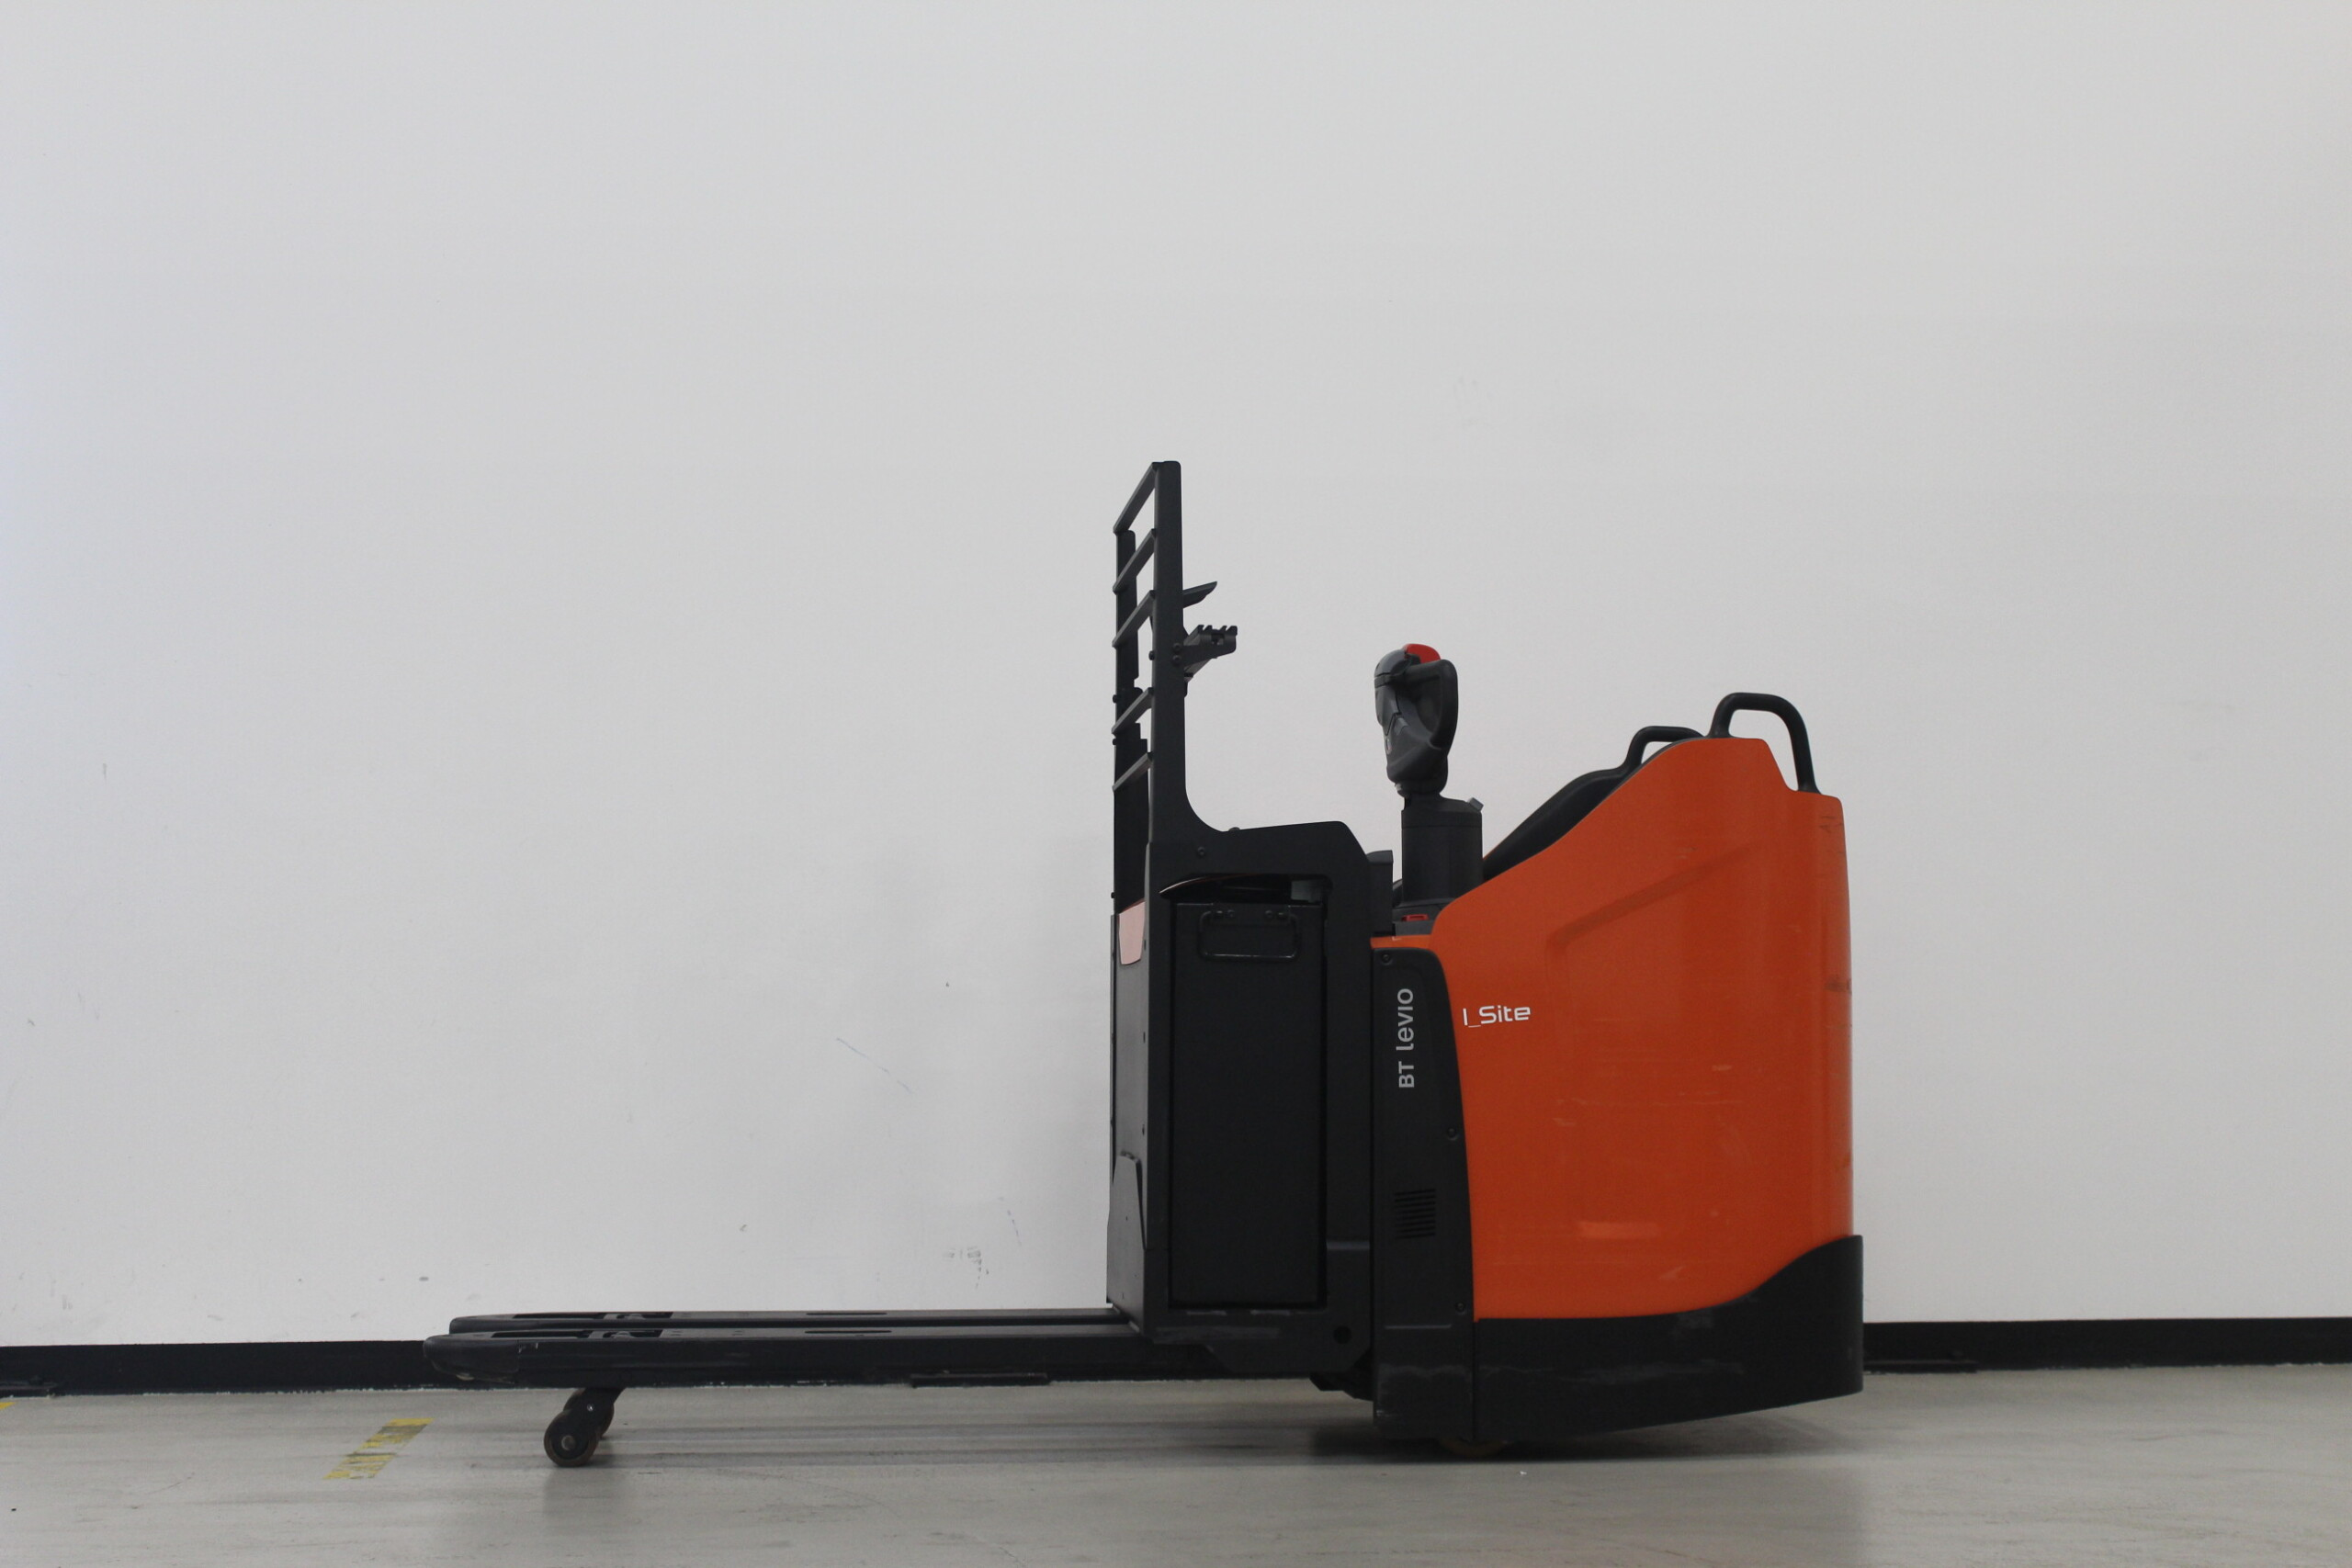 Toyota-Gabelstapler-59840 1812023803 1 47 scaled